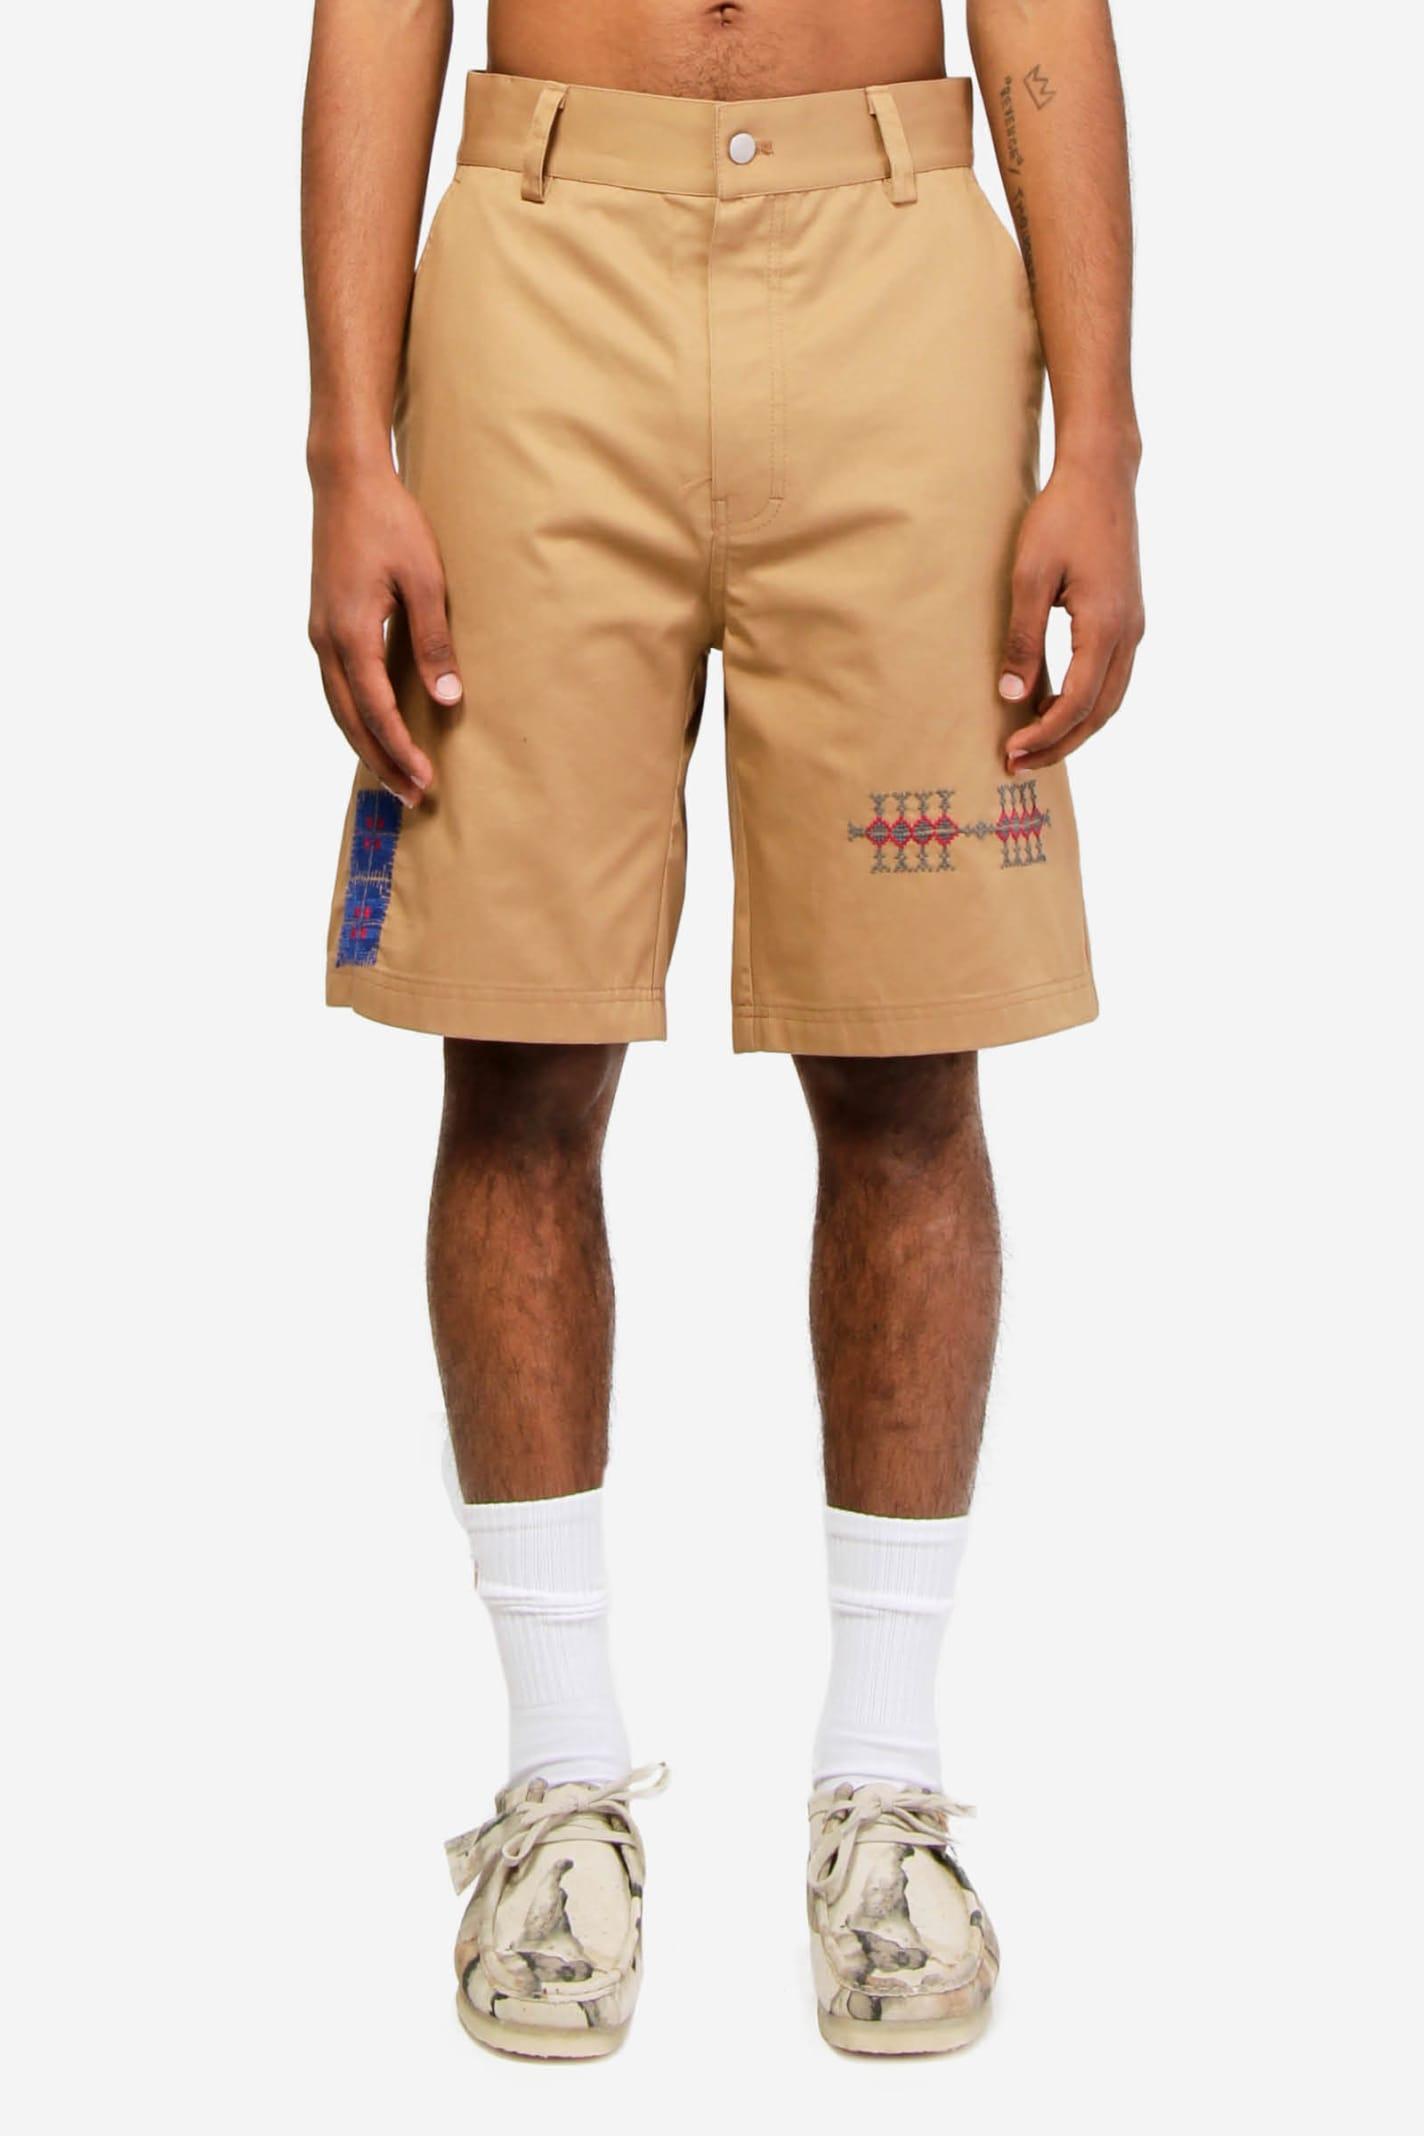 Makhlut Shorts